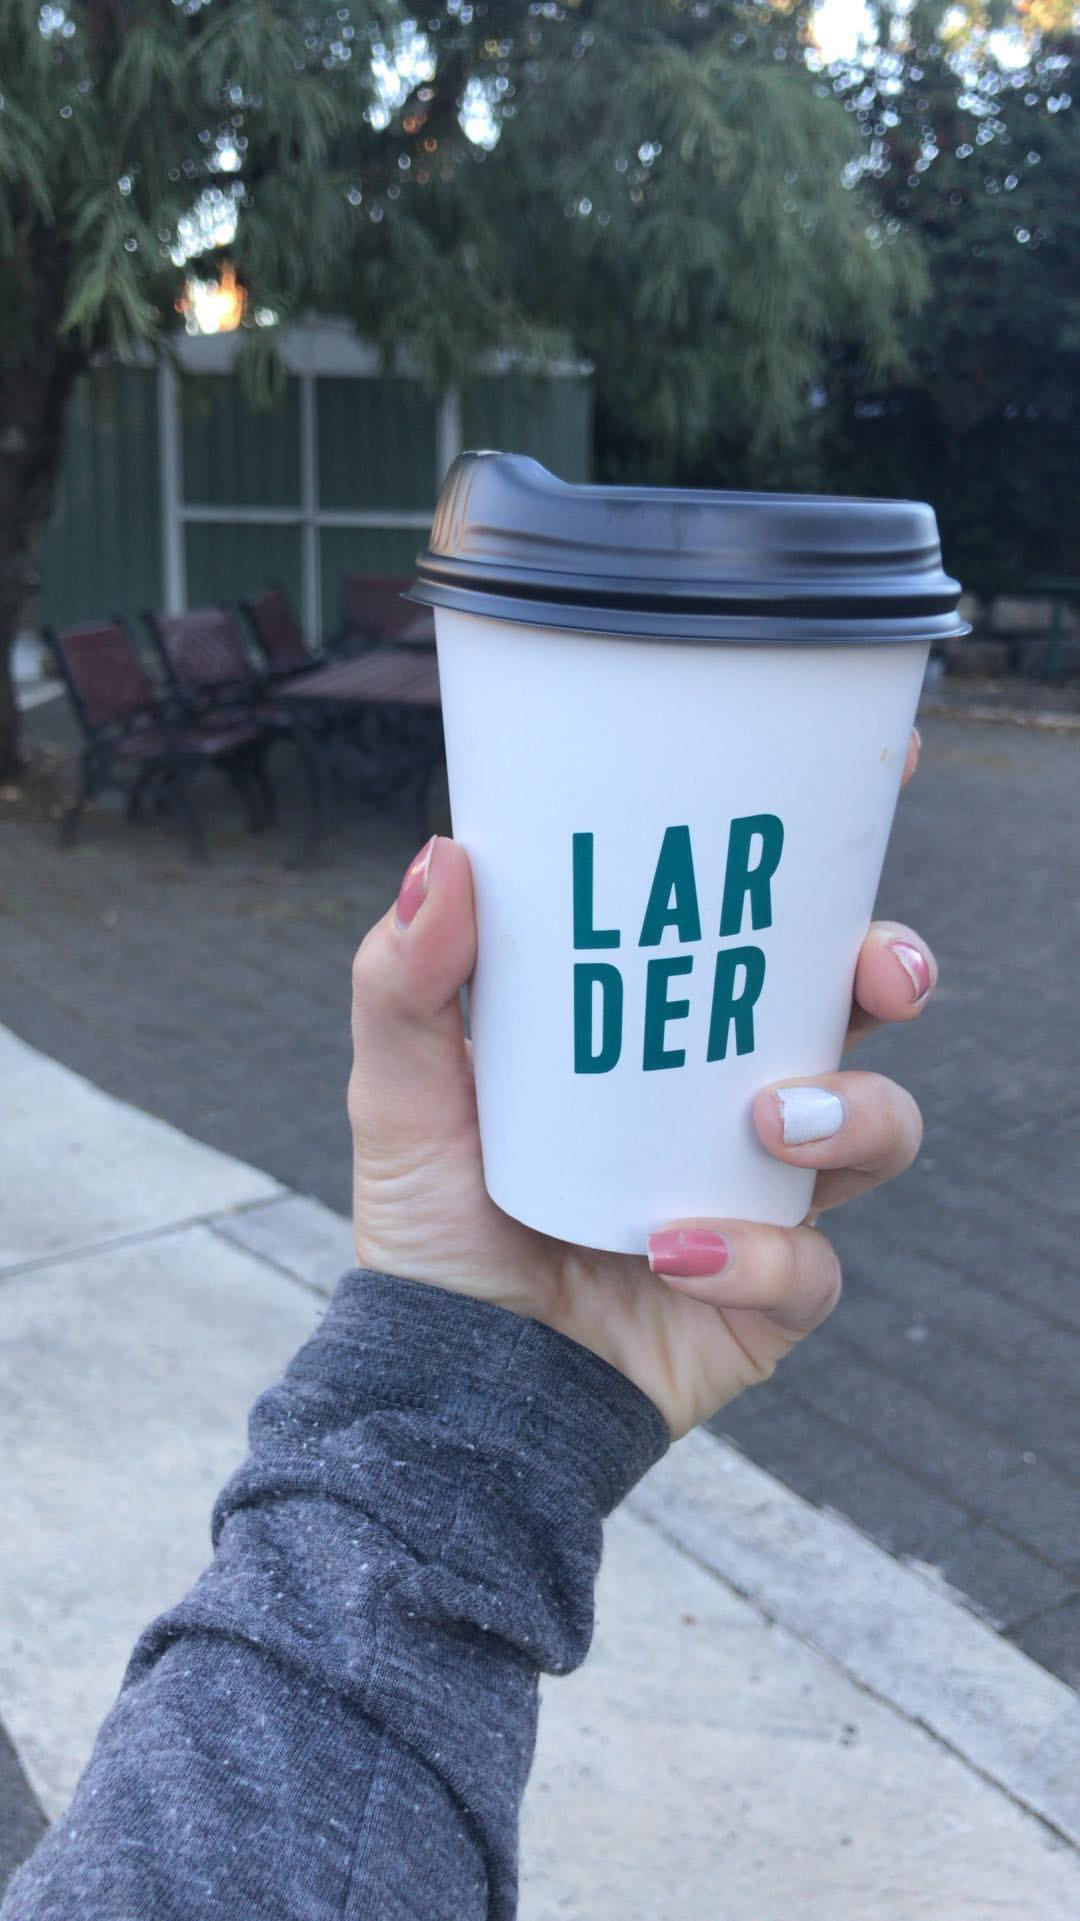 Larder coffee